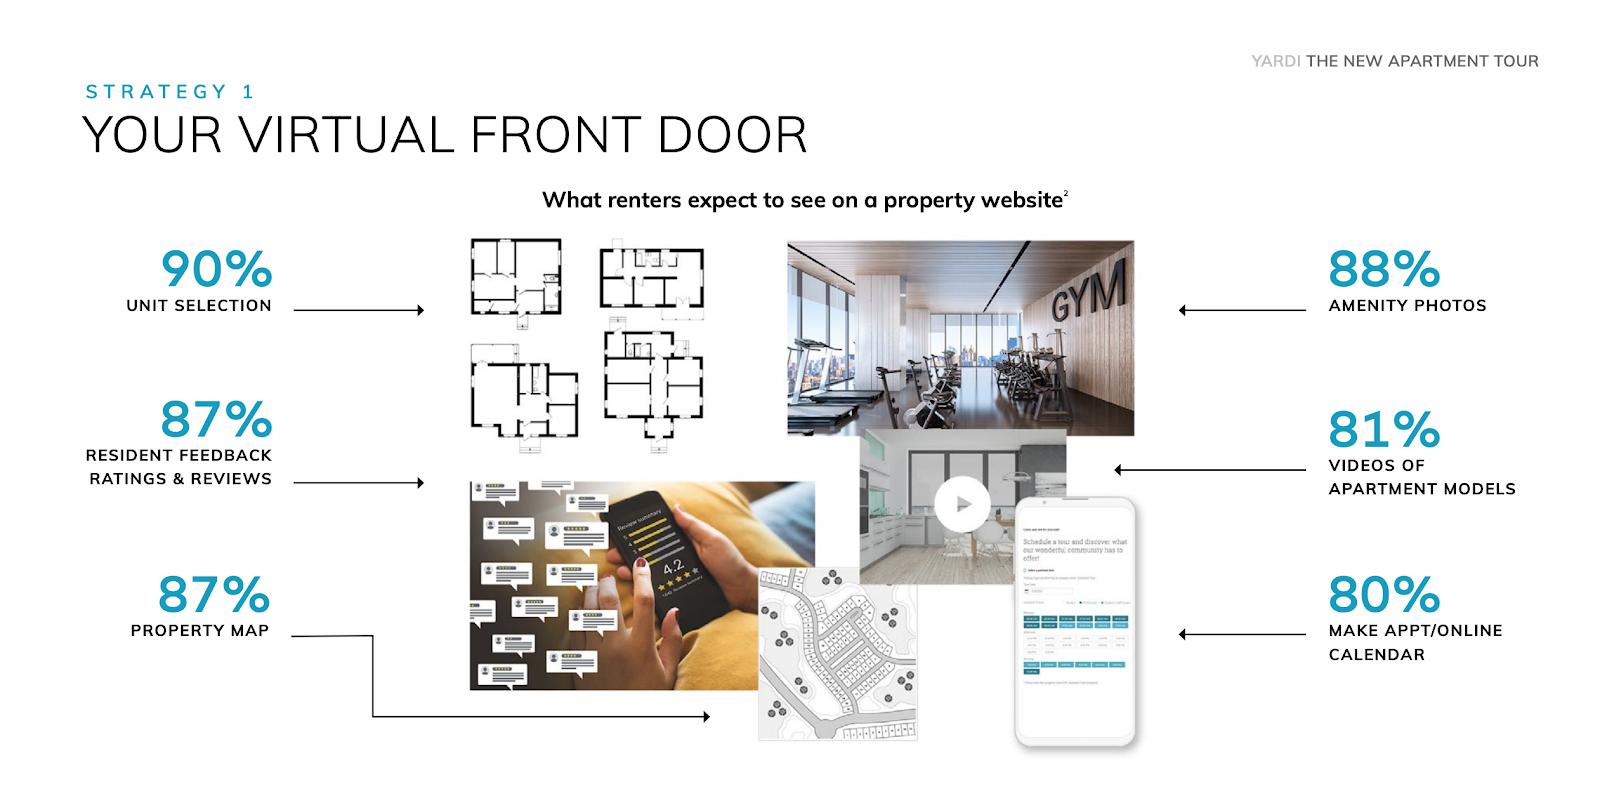 Your Virtual Front Door - Yardi Graphic